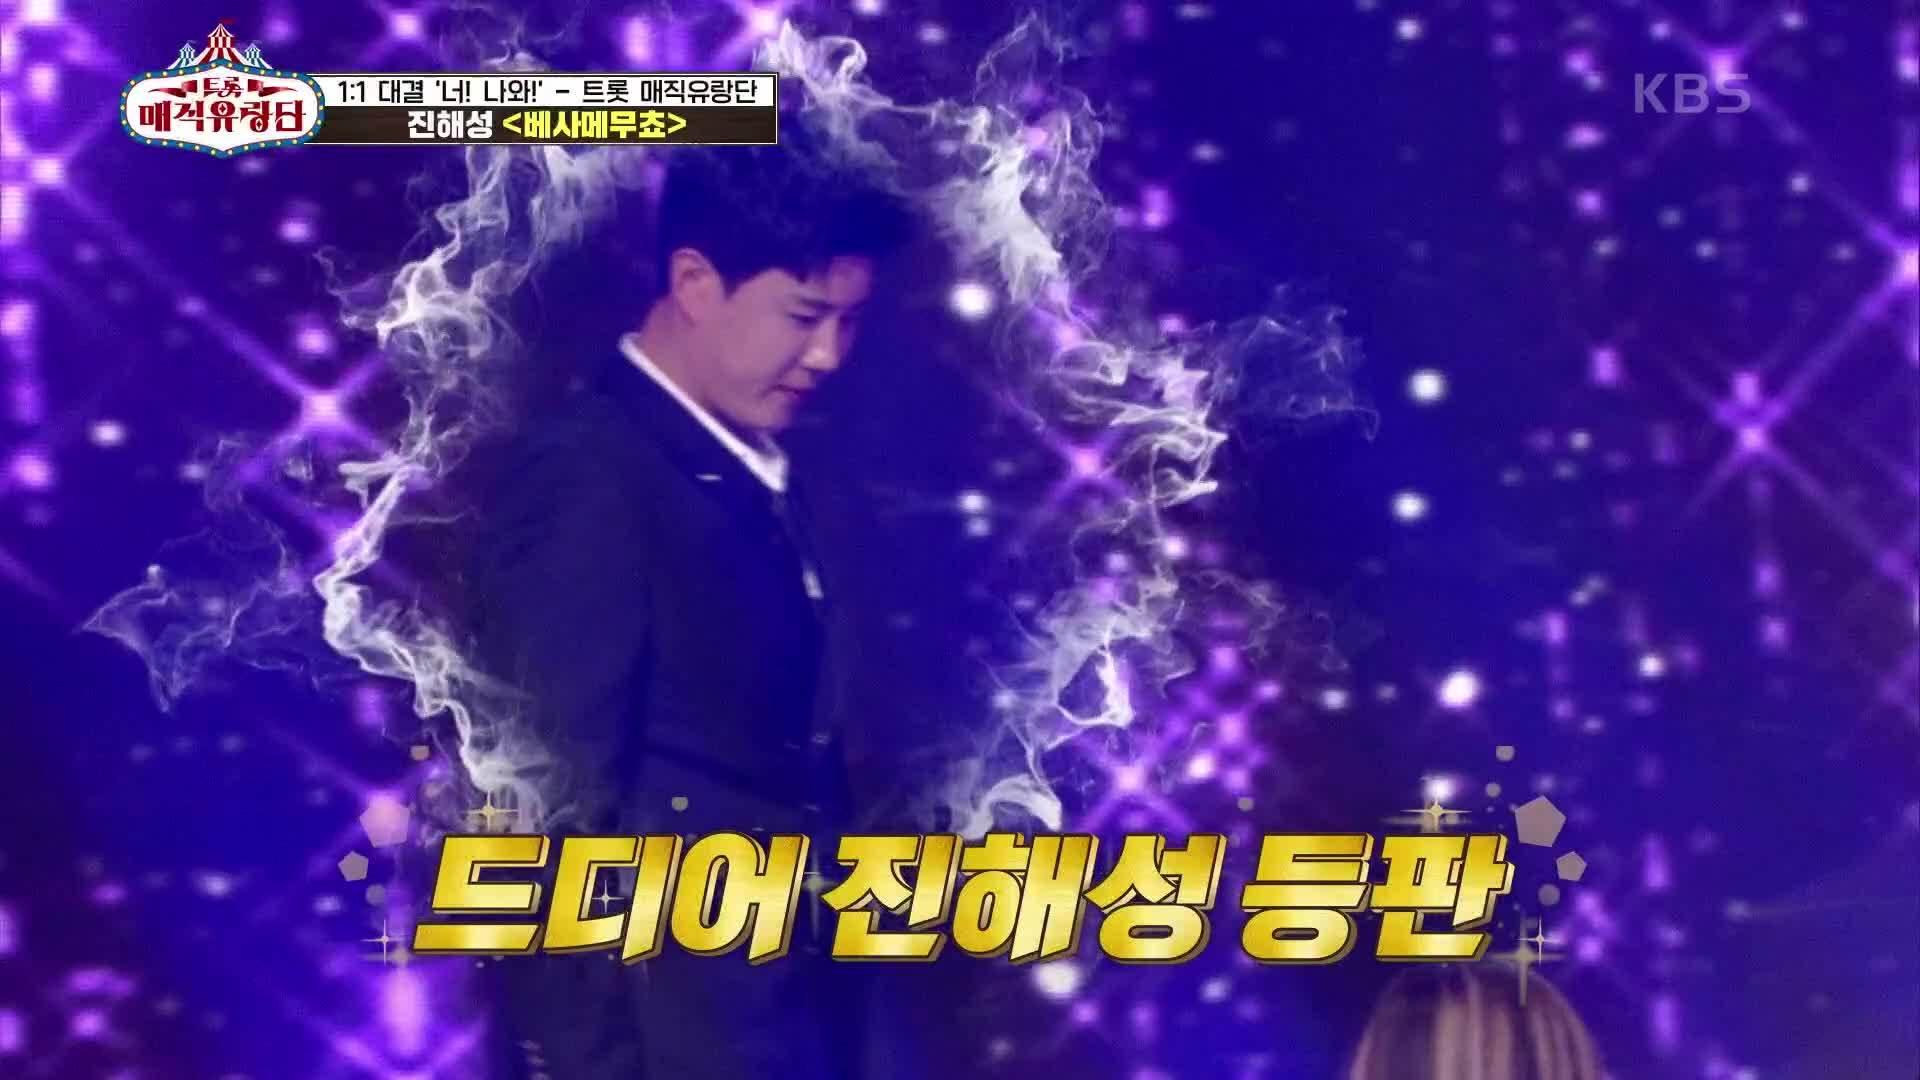 마초 진해성 등판! 열정의 무대에 댄스 퍼포먼스까지! '진해성 - 베사메무쵸' | KBS 210619 방송